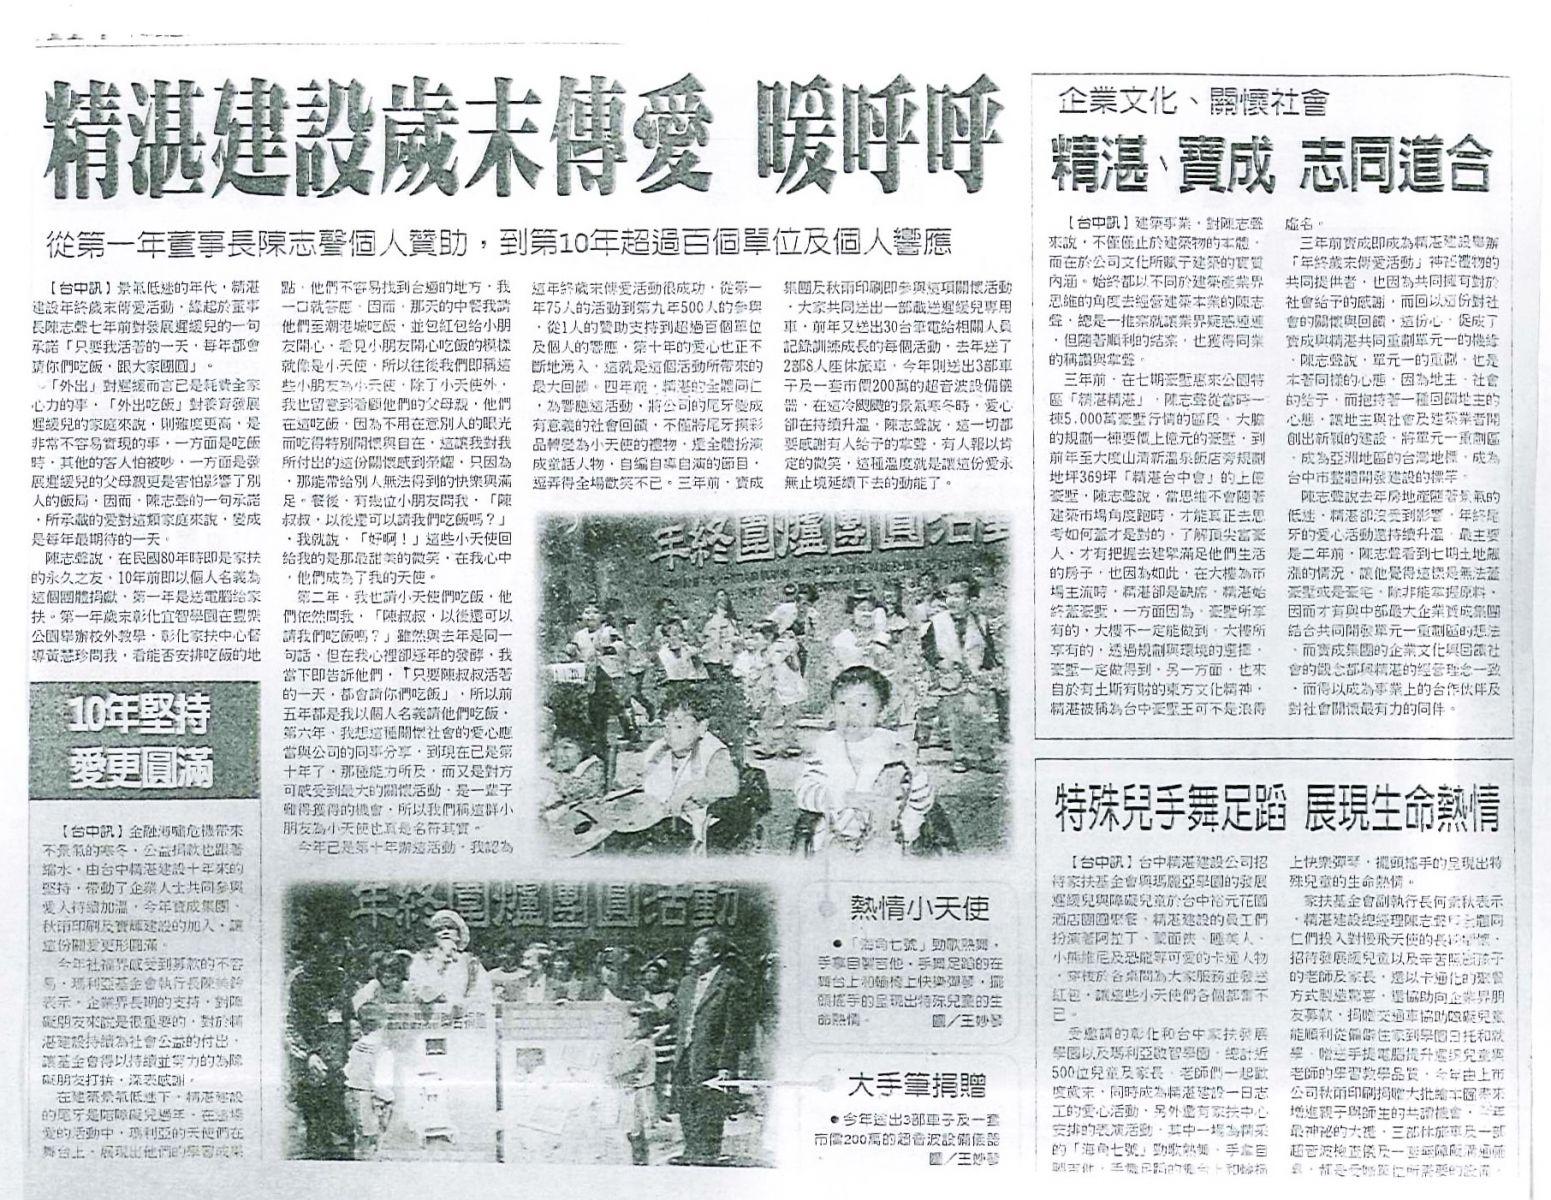 20090108 工商時報_從第一年董事長陳志聲個人贊助 到第10年超過百個單位及個人響應